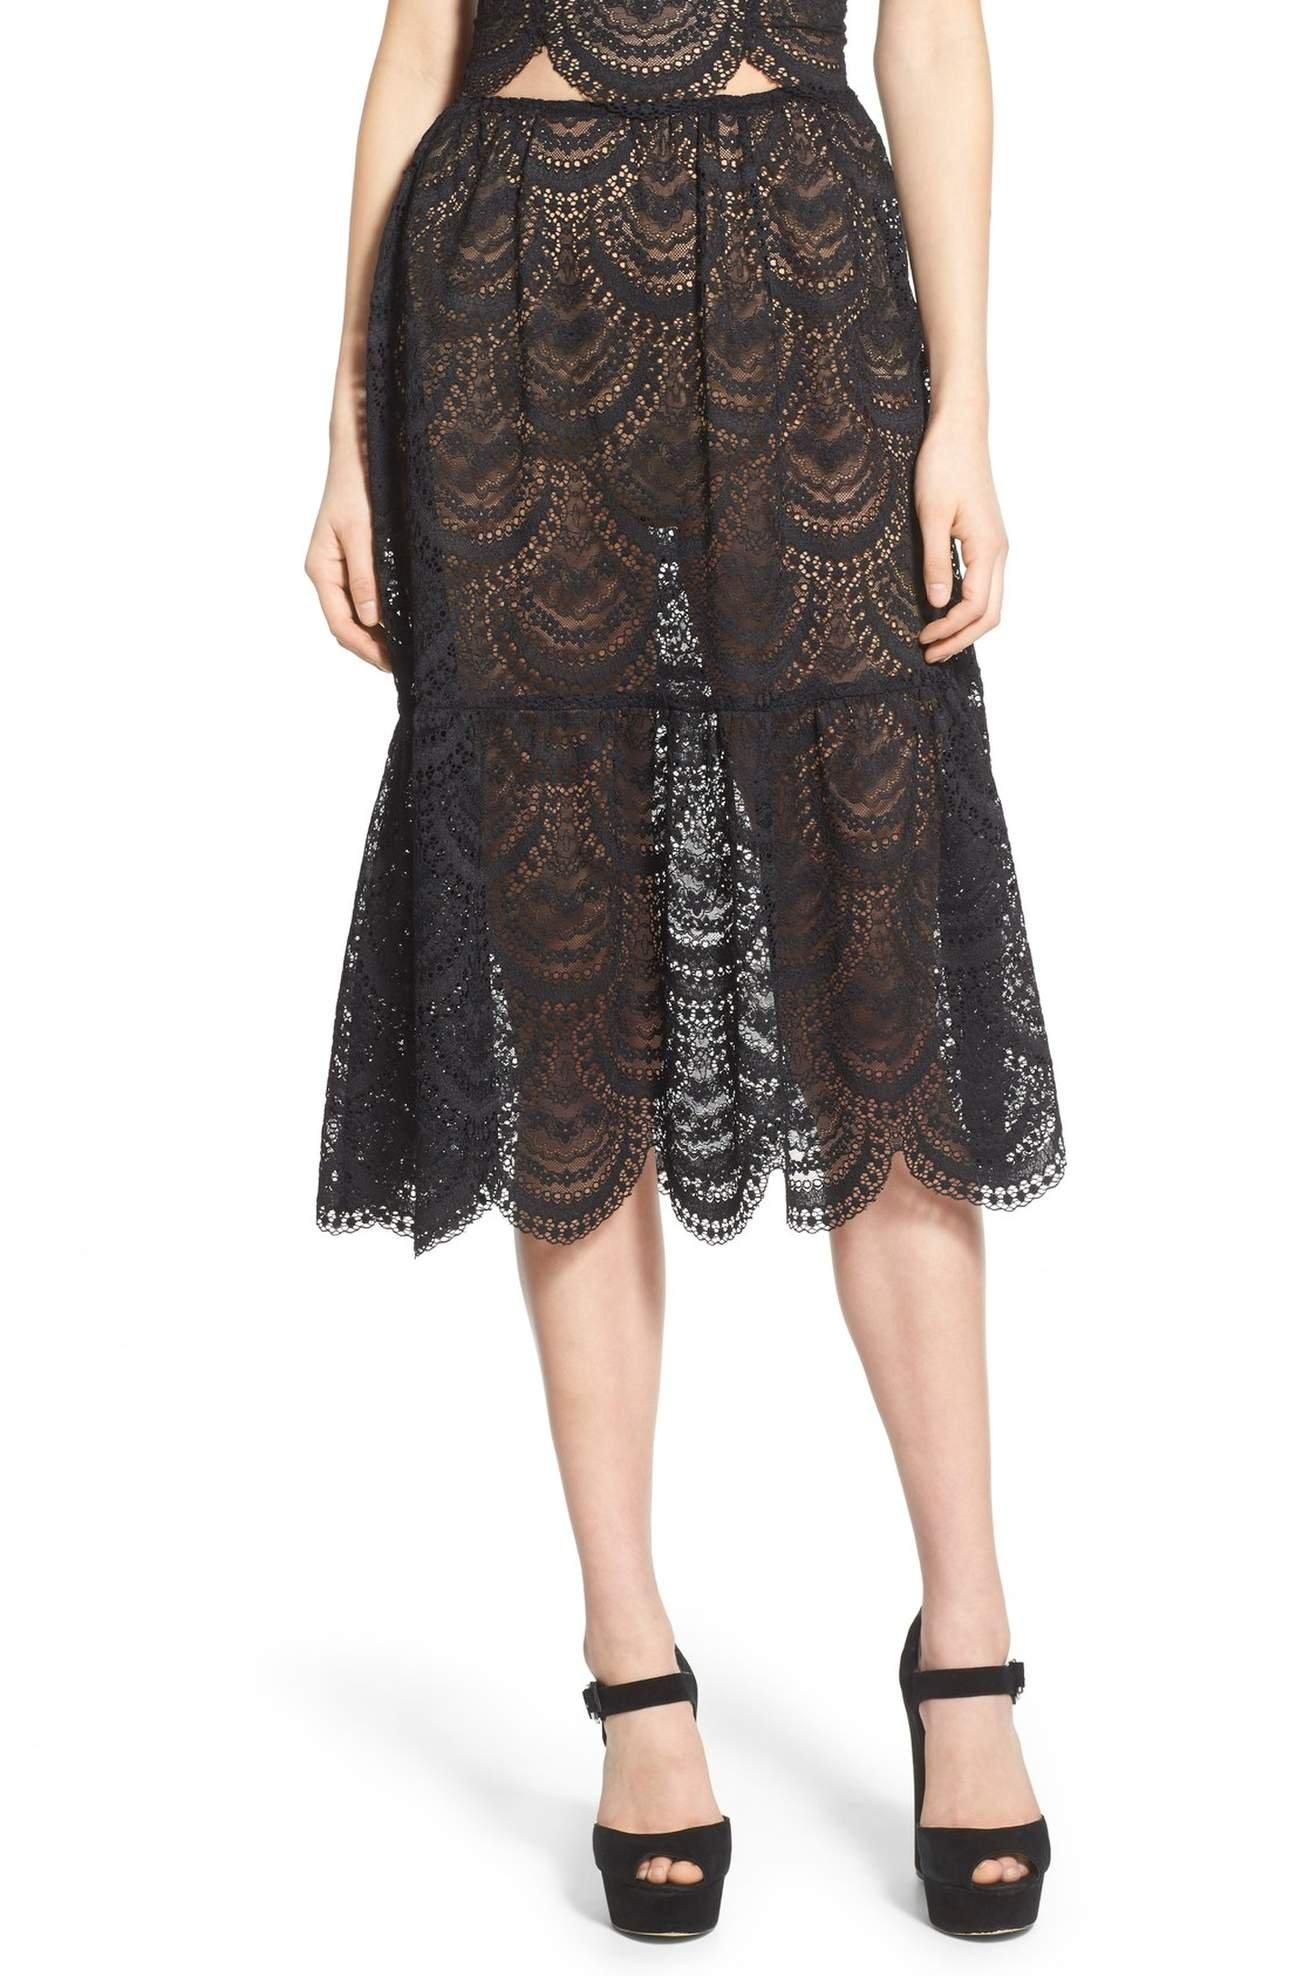 For Love & Lemons Women's Black Scalloped Lace Midi Skirt, Black, Medium